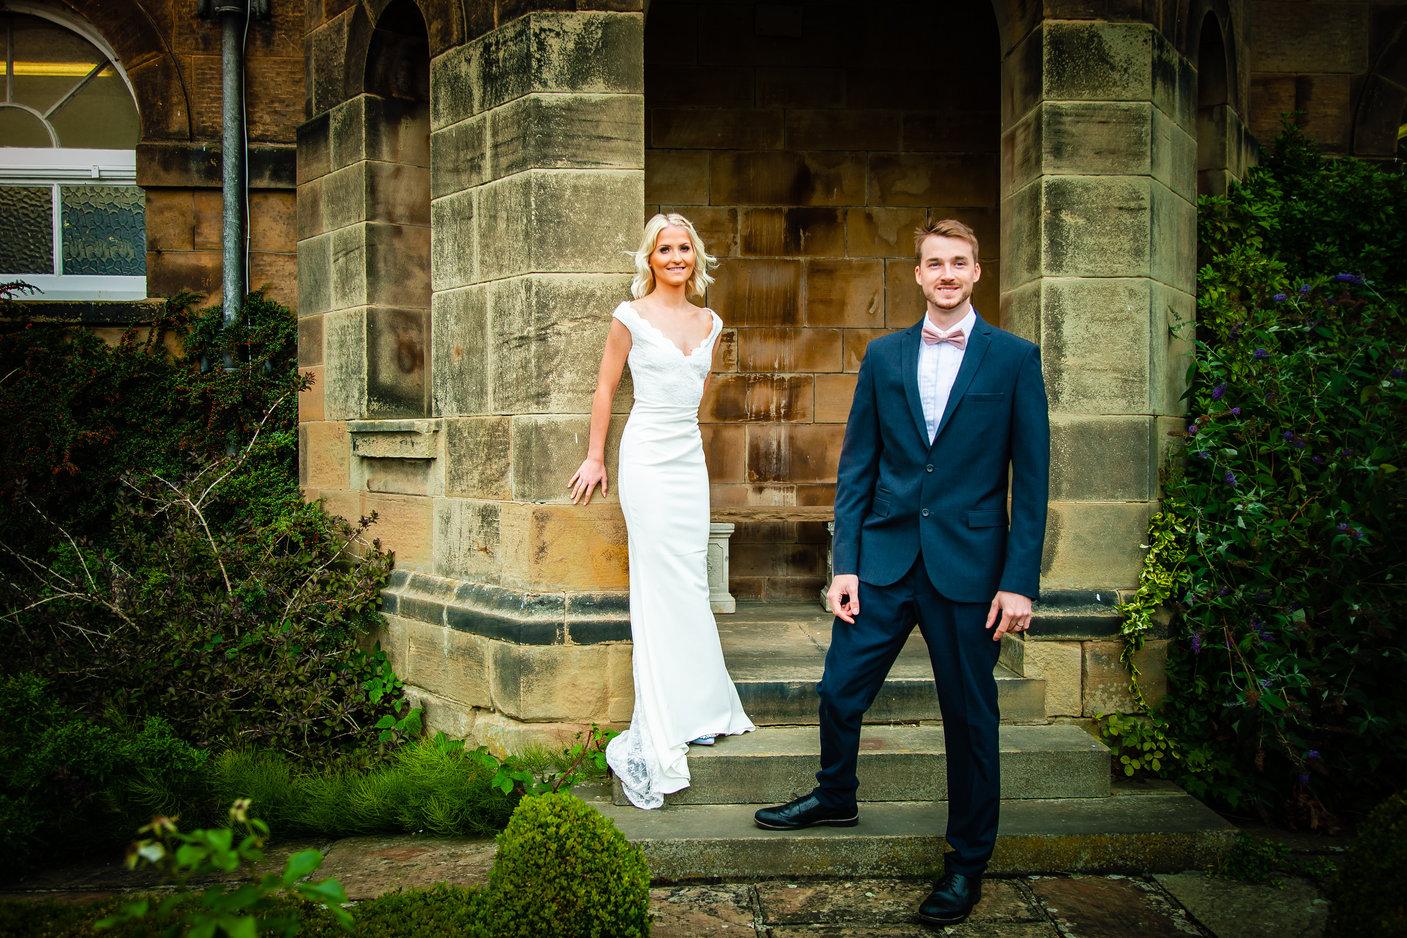 Wedding couple pose for photos